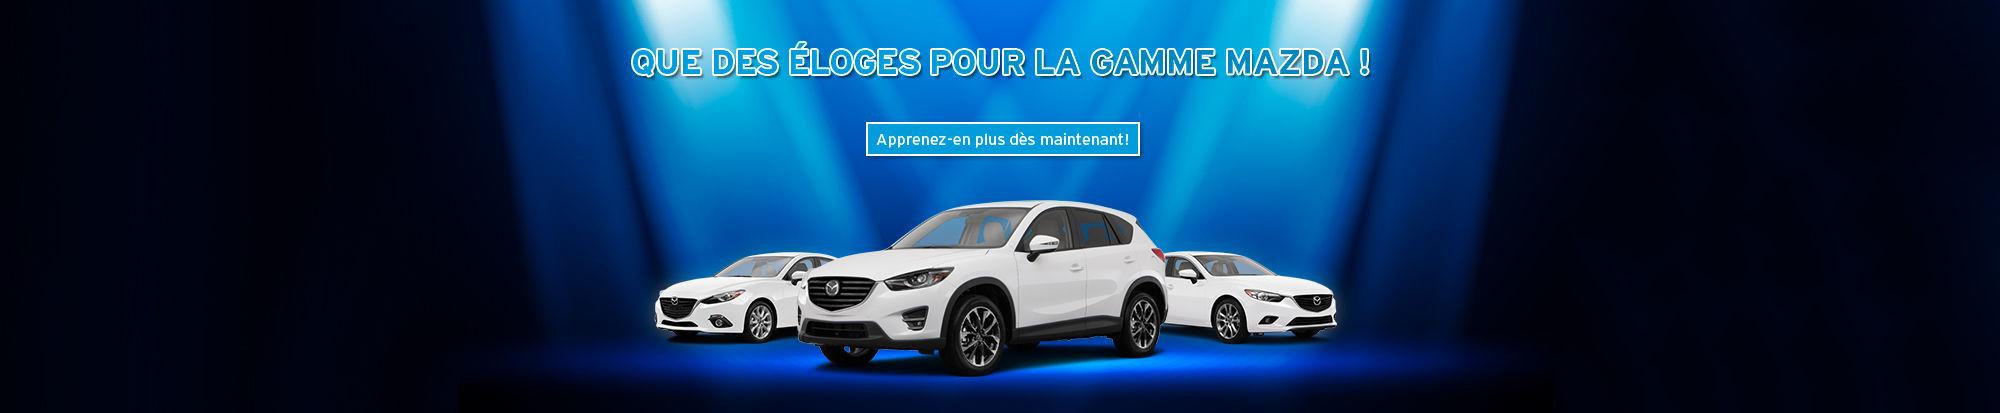 Que des éloges pour Mazda